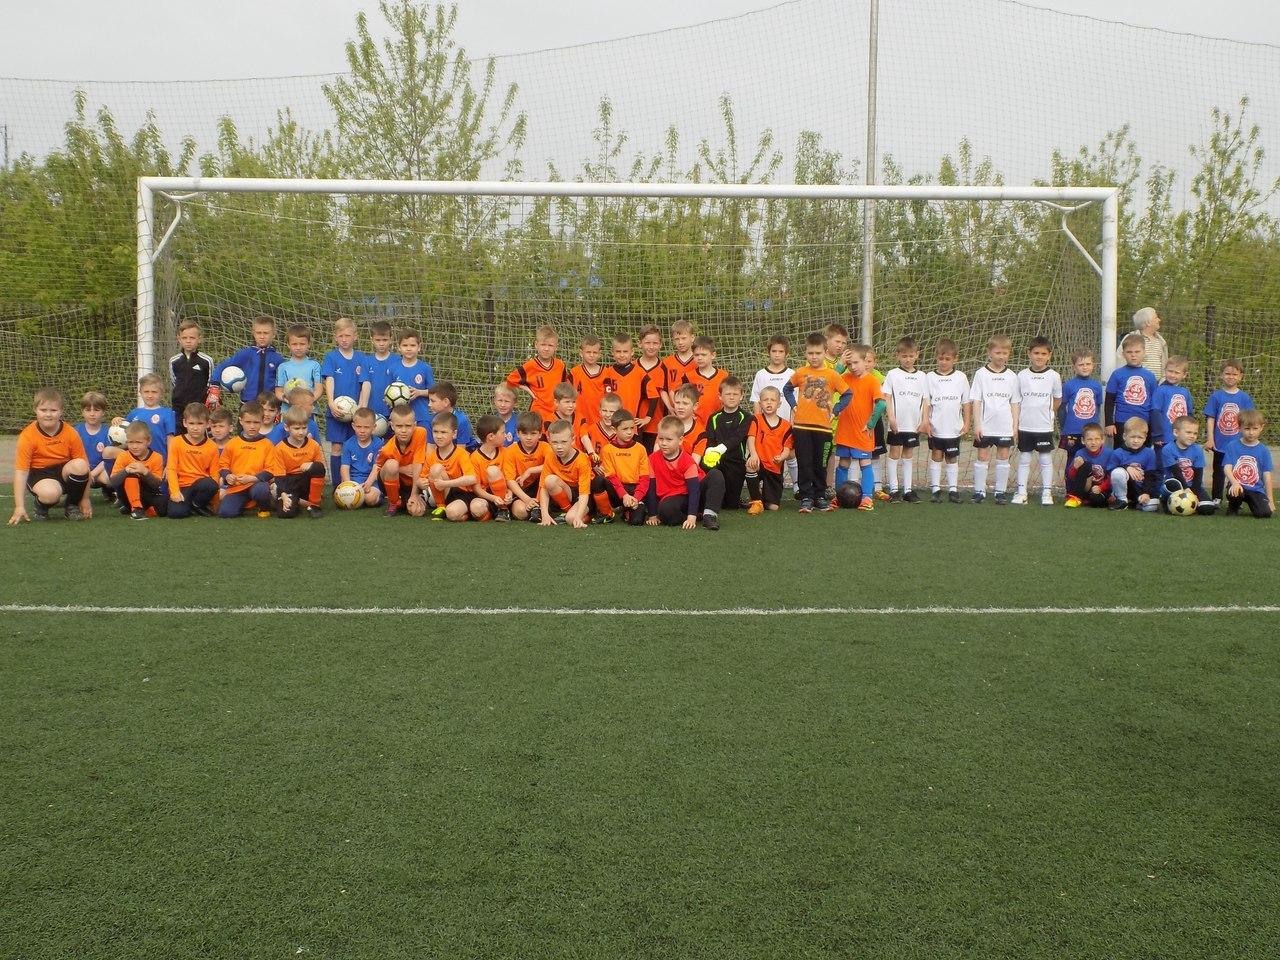 Результаты игр Первенства города Подольска среди детских команд 2006 и 2007/2008 г.р. за 07.10.2017 года